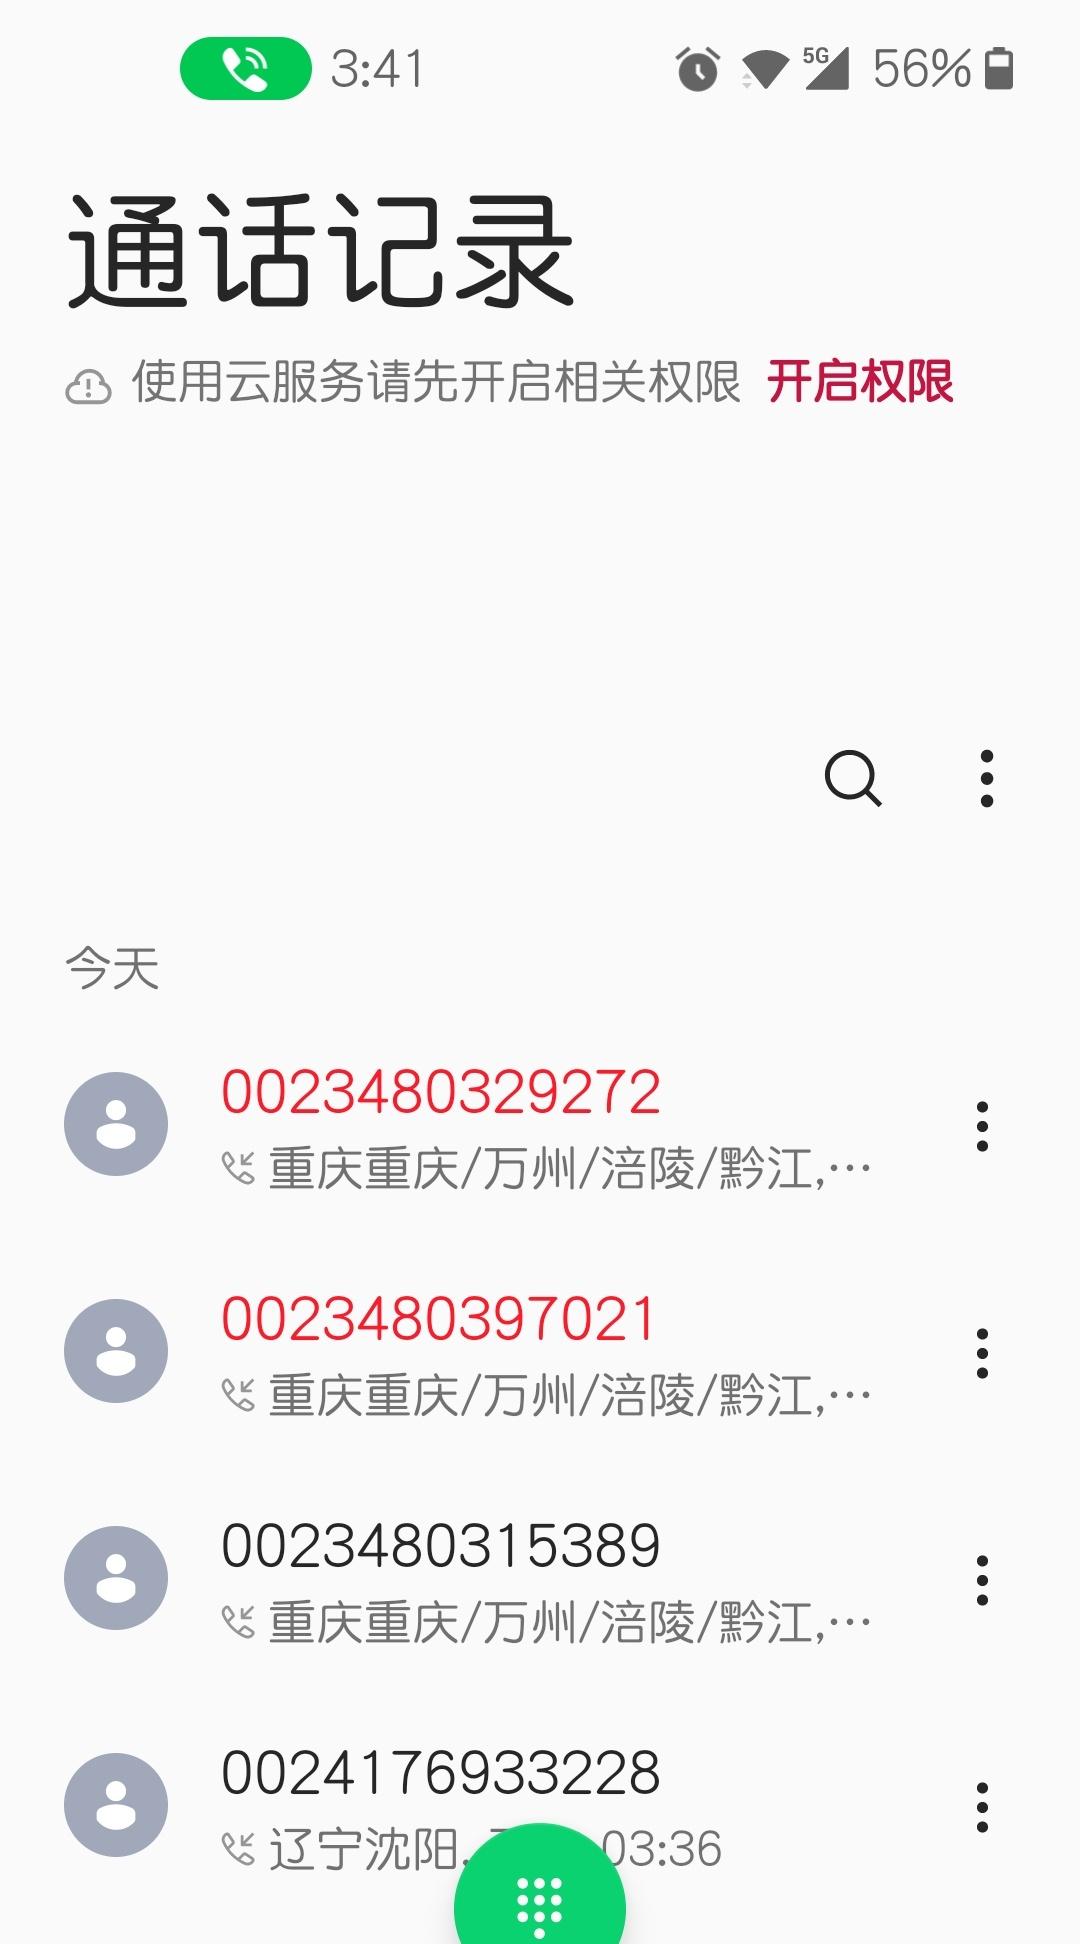 京东,请保护客户信息,你又泄密了/数据被盗了!客服,请真诚点